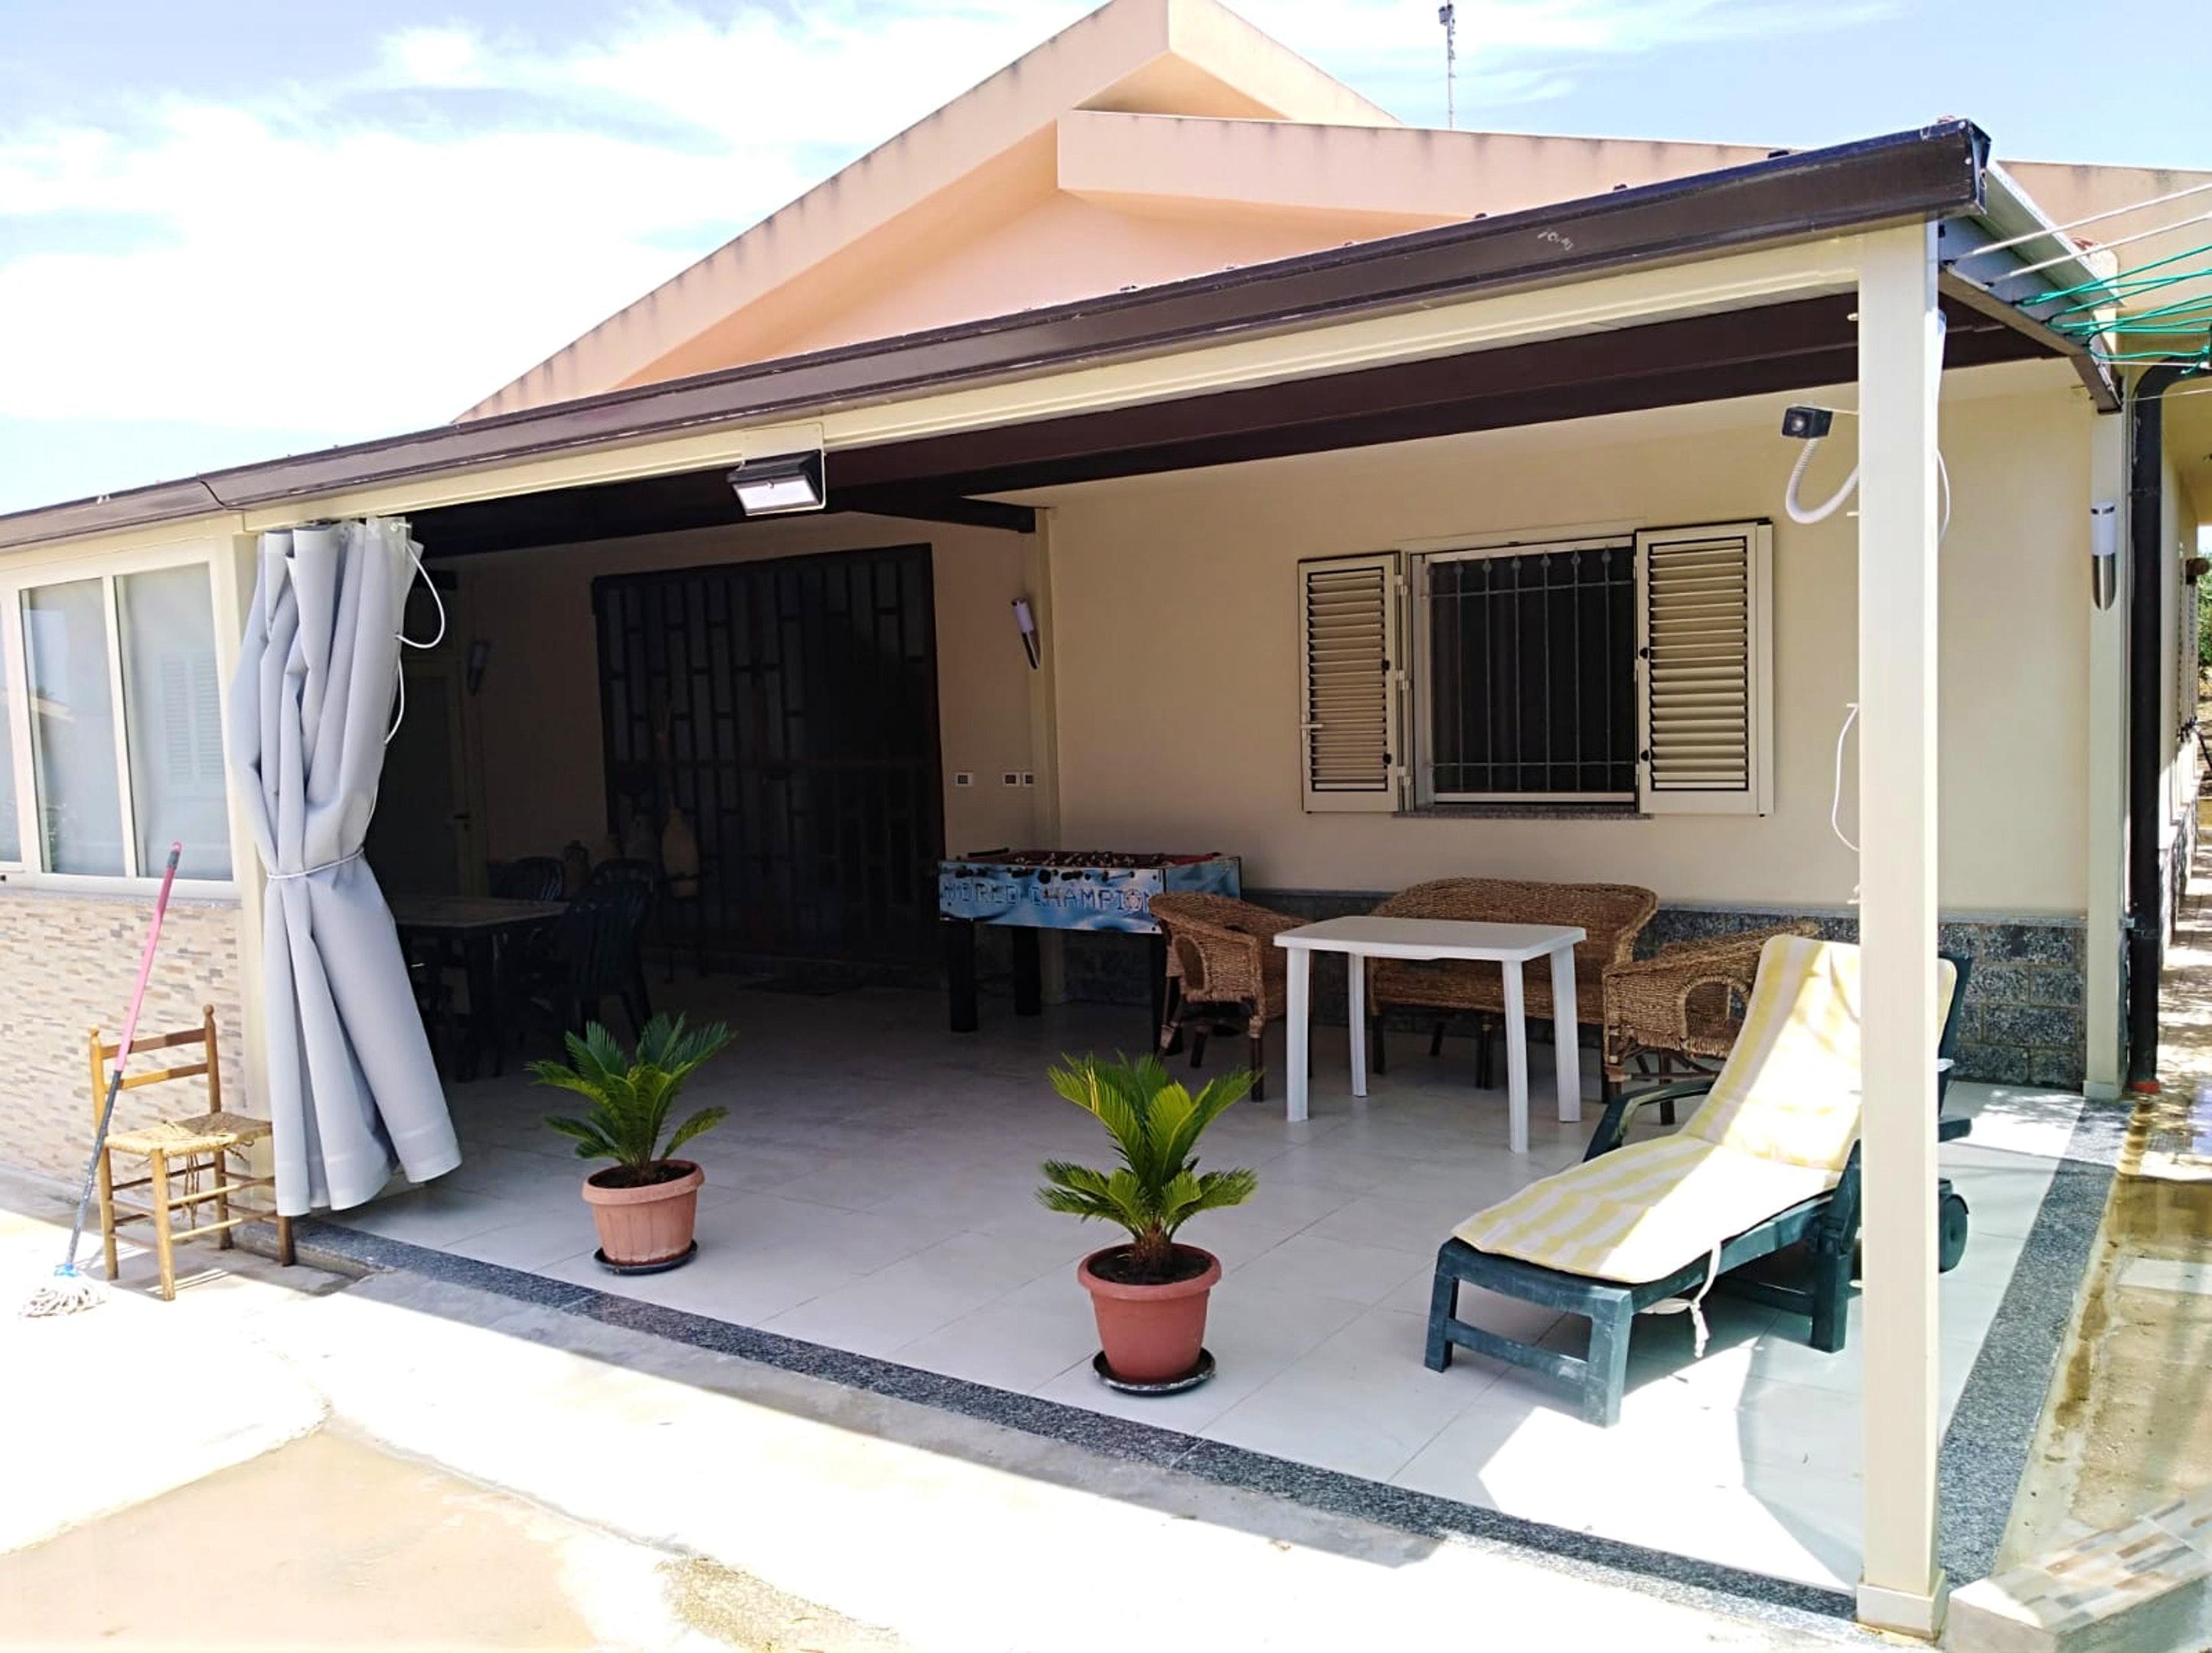 Maison de vacances Haus mit 3 Schlafzimmern in Menfi mit herrlichem Meerblick und eingezäuntem Garten - 1 km  (2707873), Menfi, Agrigento, Sicile, Italie, image 1